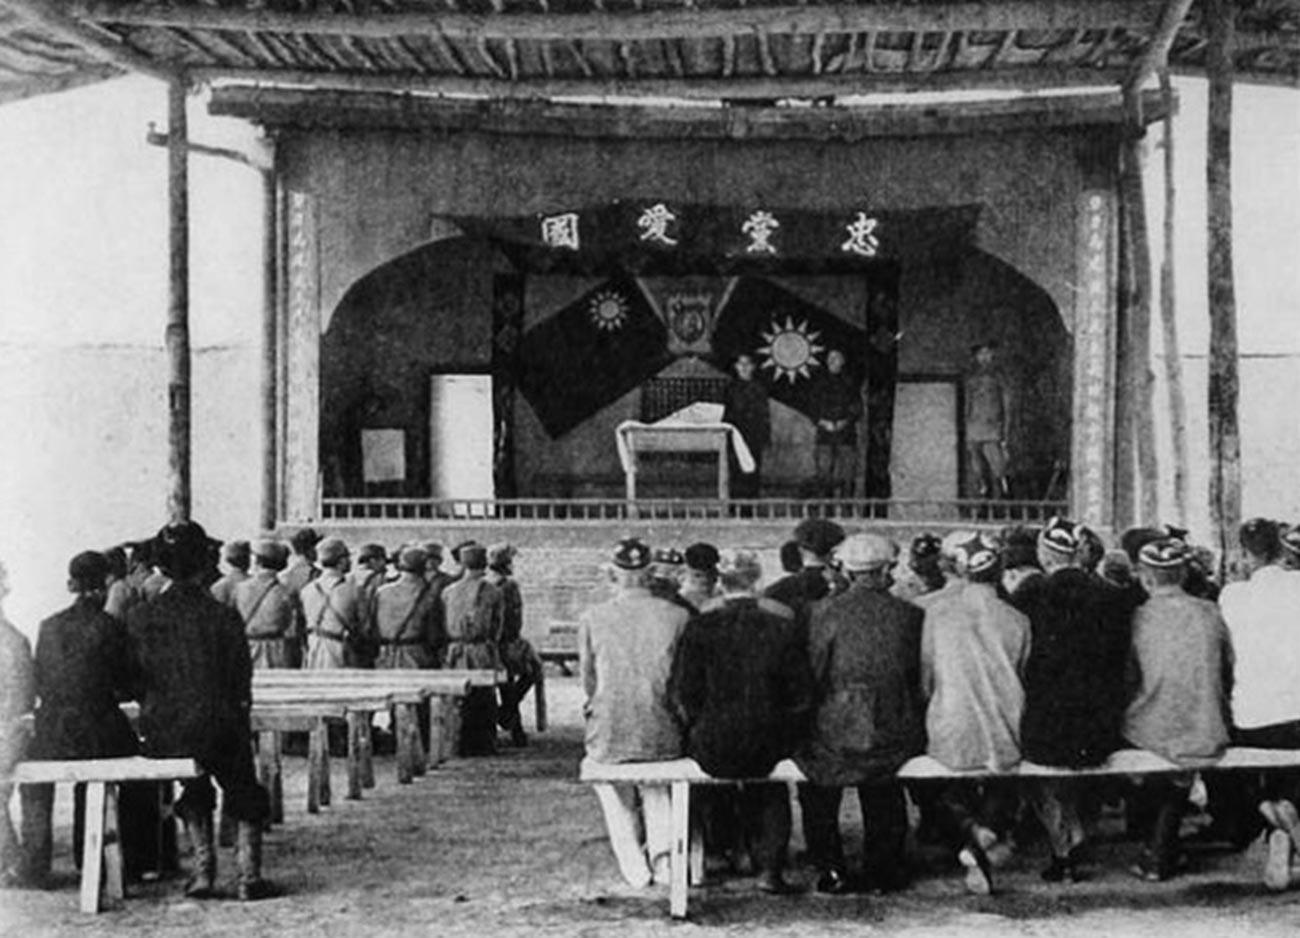 Pertemuan Partai Kuomintang di Xinjiang.